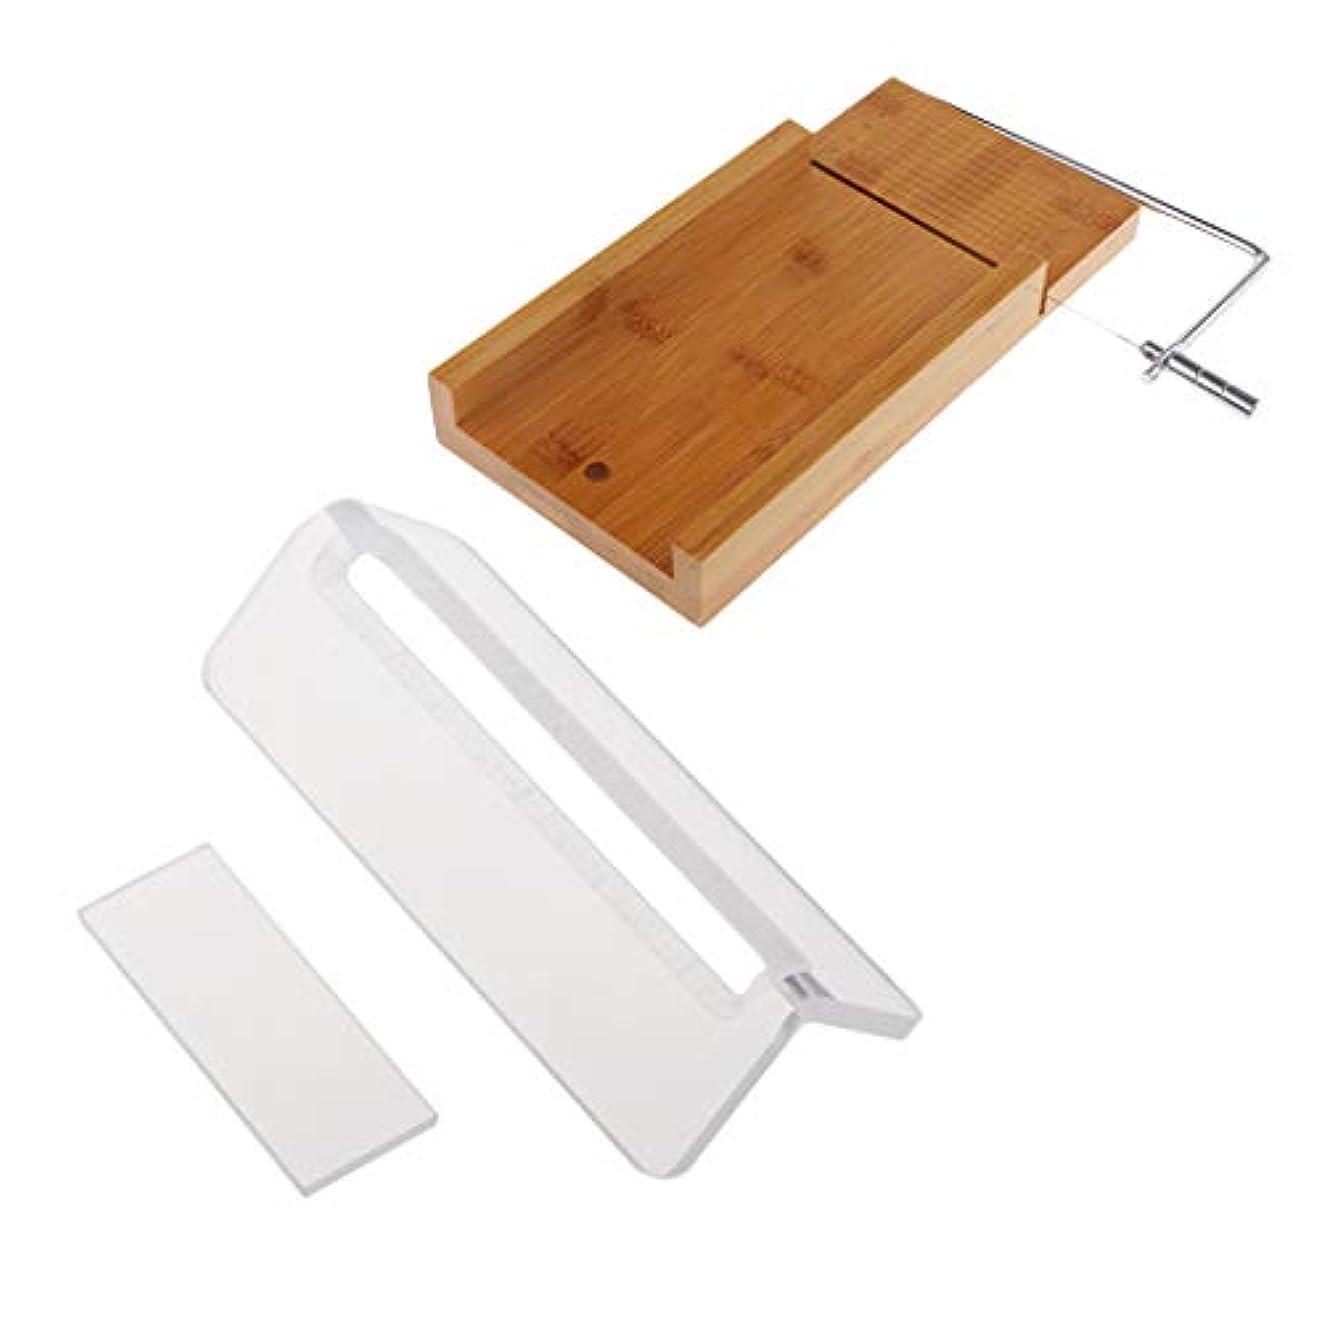 指標列挙するバイオリニストHellery 石鹸カッター 木製 ローフカッター チーズカッター ソープカッター ステンレス鋼線 2個入り